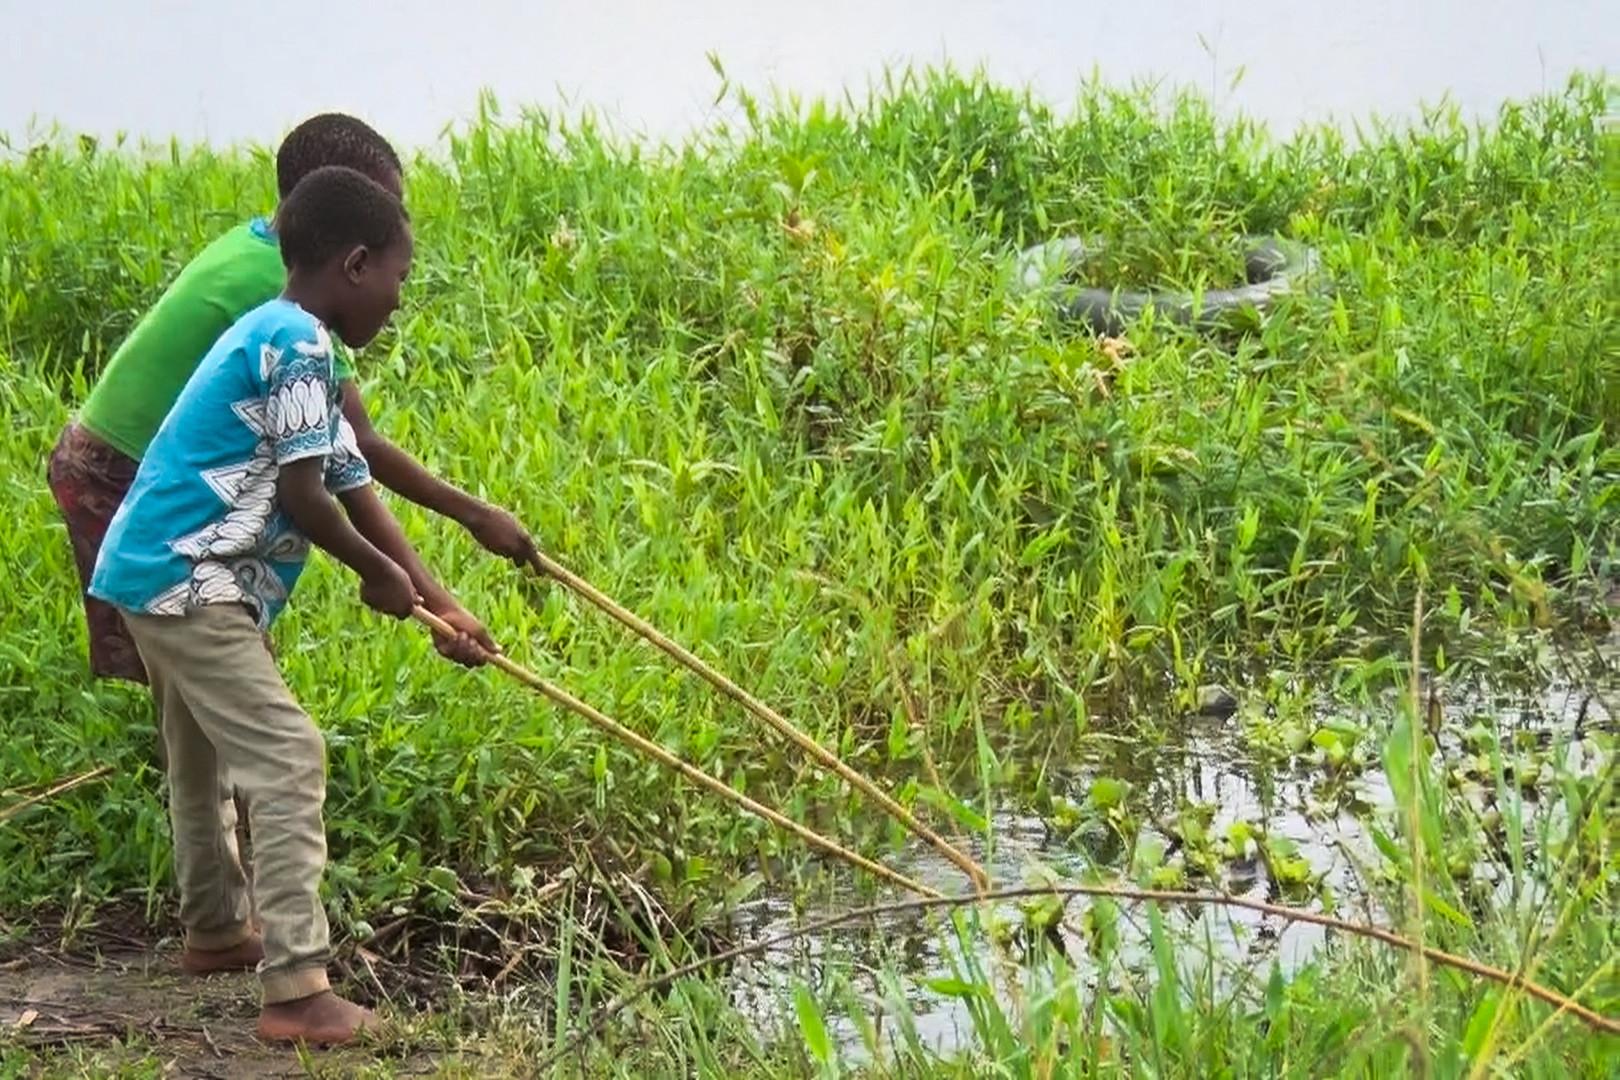 Crianças aprendem a pescar para matar a fome das famílias, em Moçambique